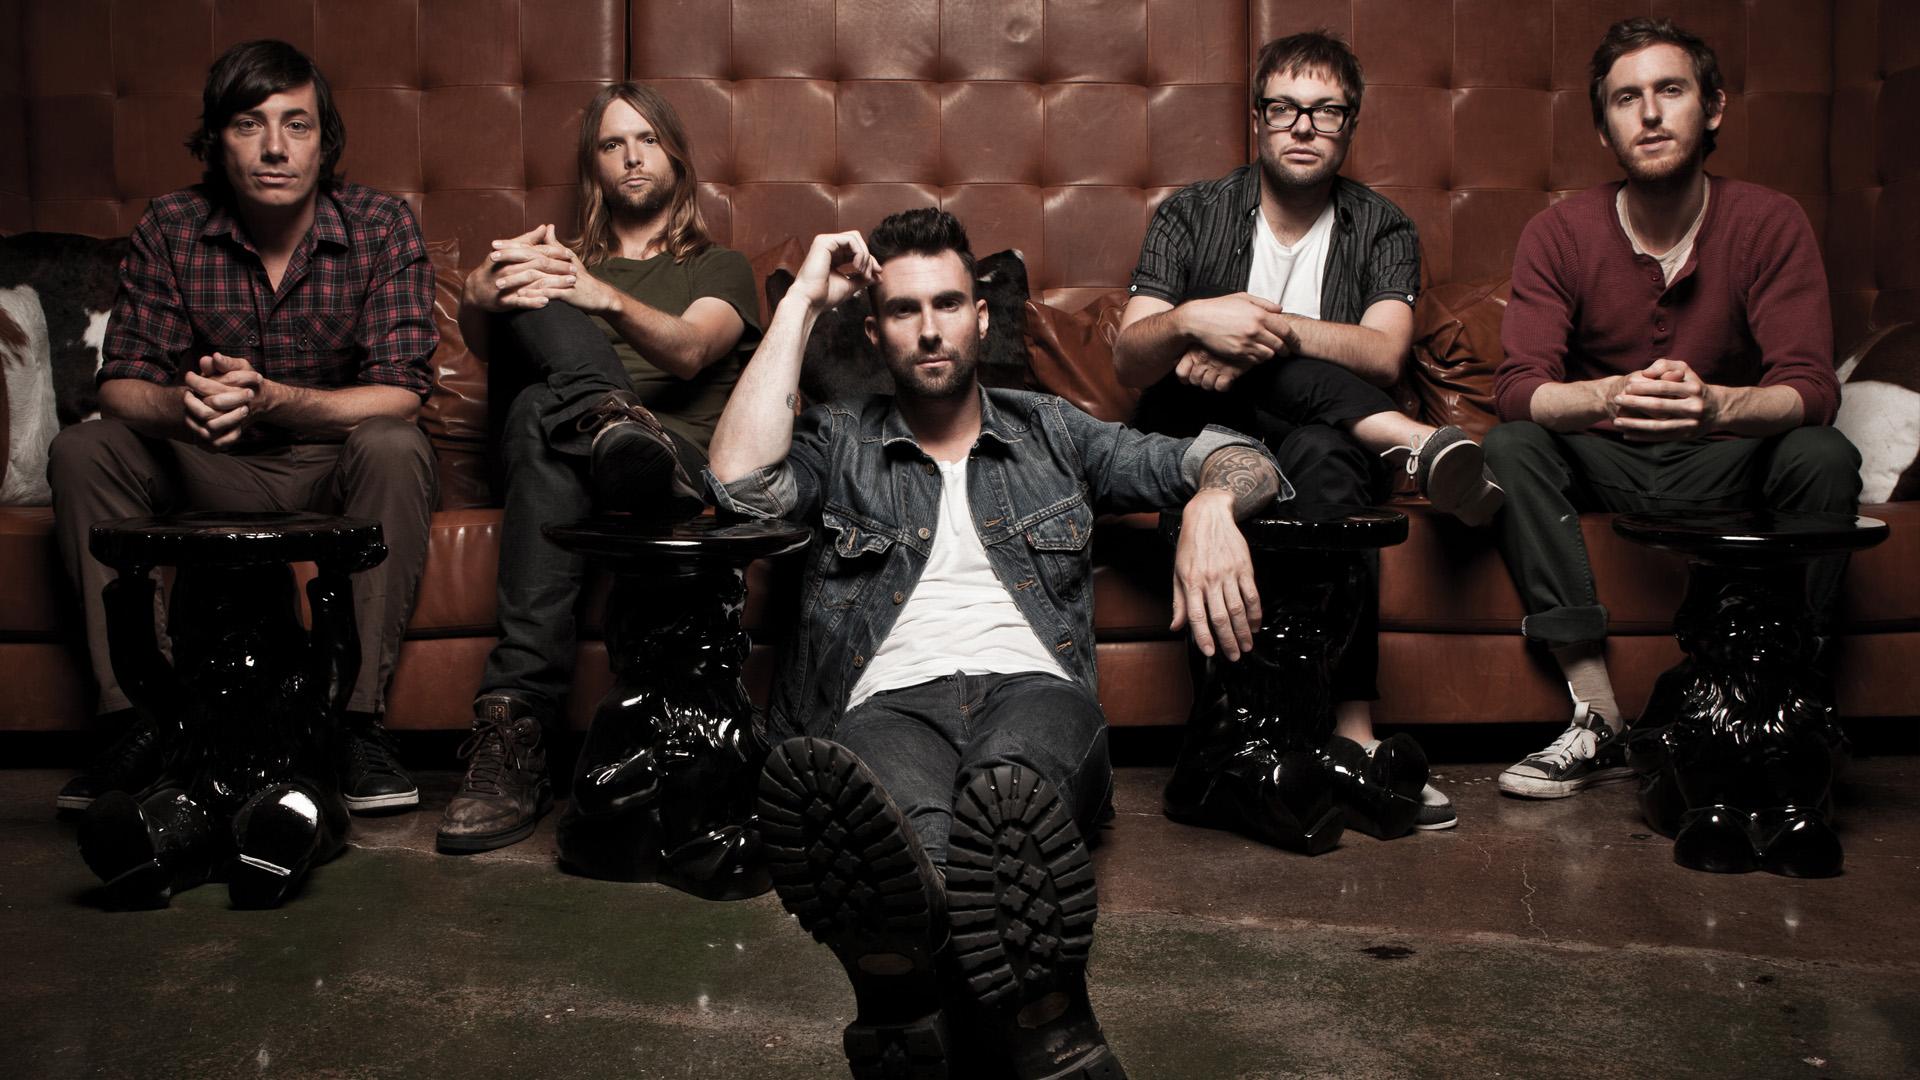 Don't Wanna Know av Maroon 5